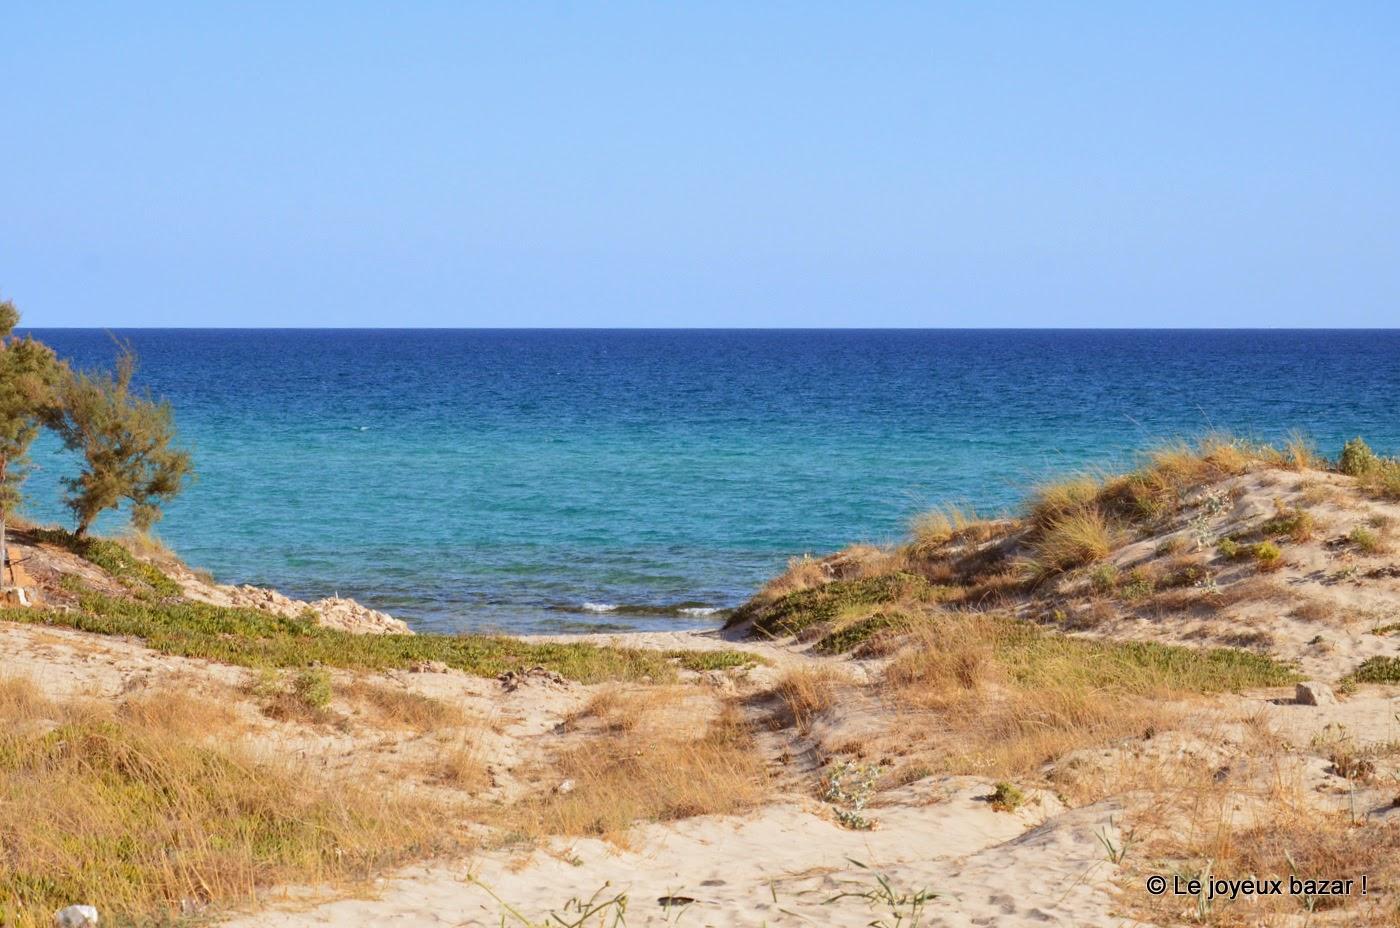 Italie - Les Pouilles - plage